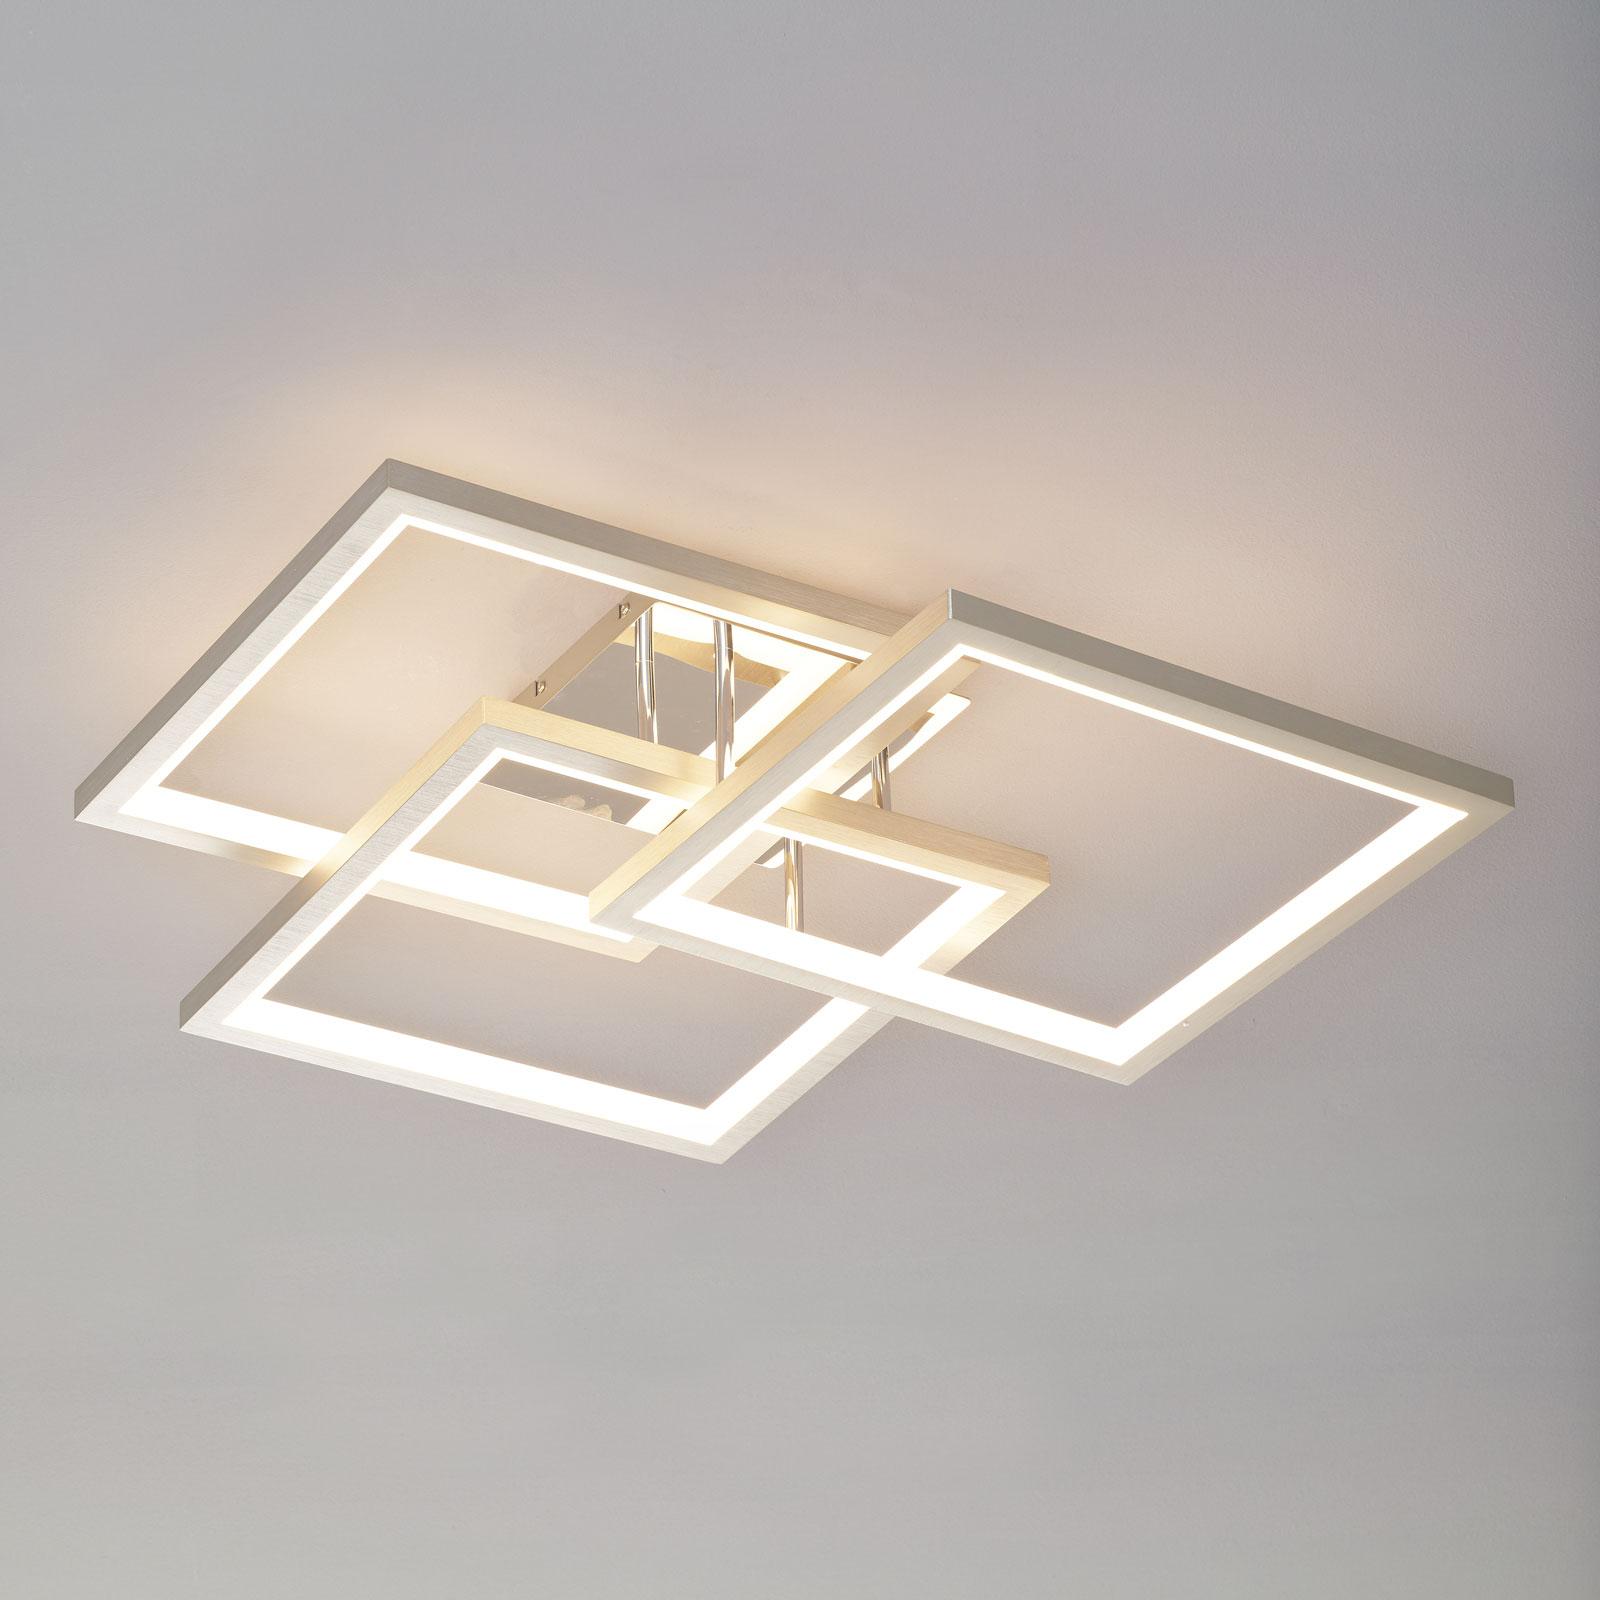 Tehokas LED-kattovalaisin Viso, himmennettävä